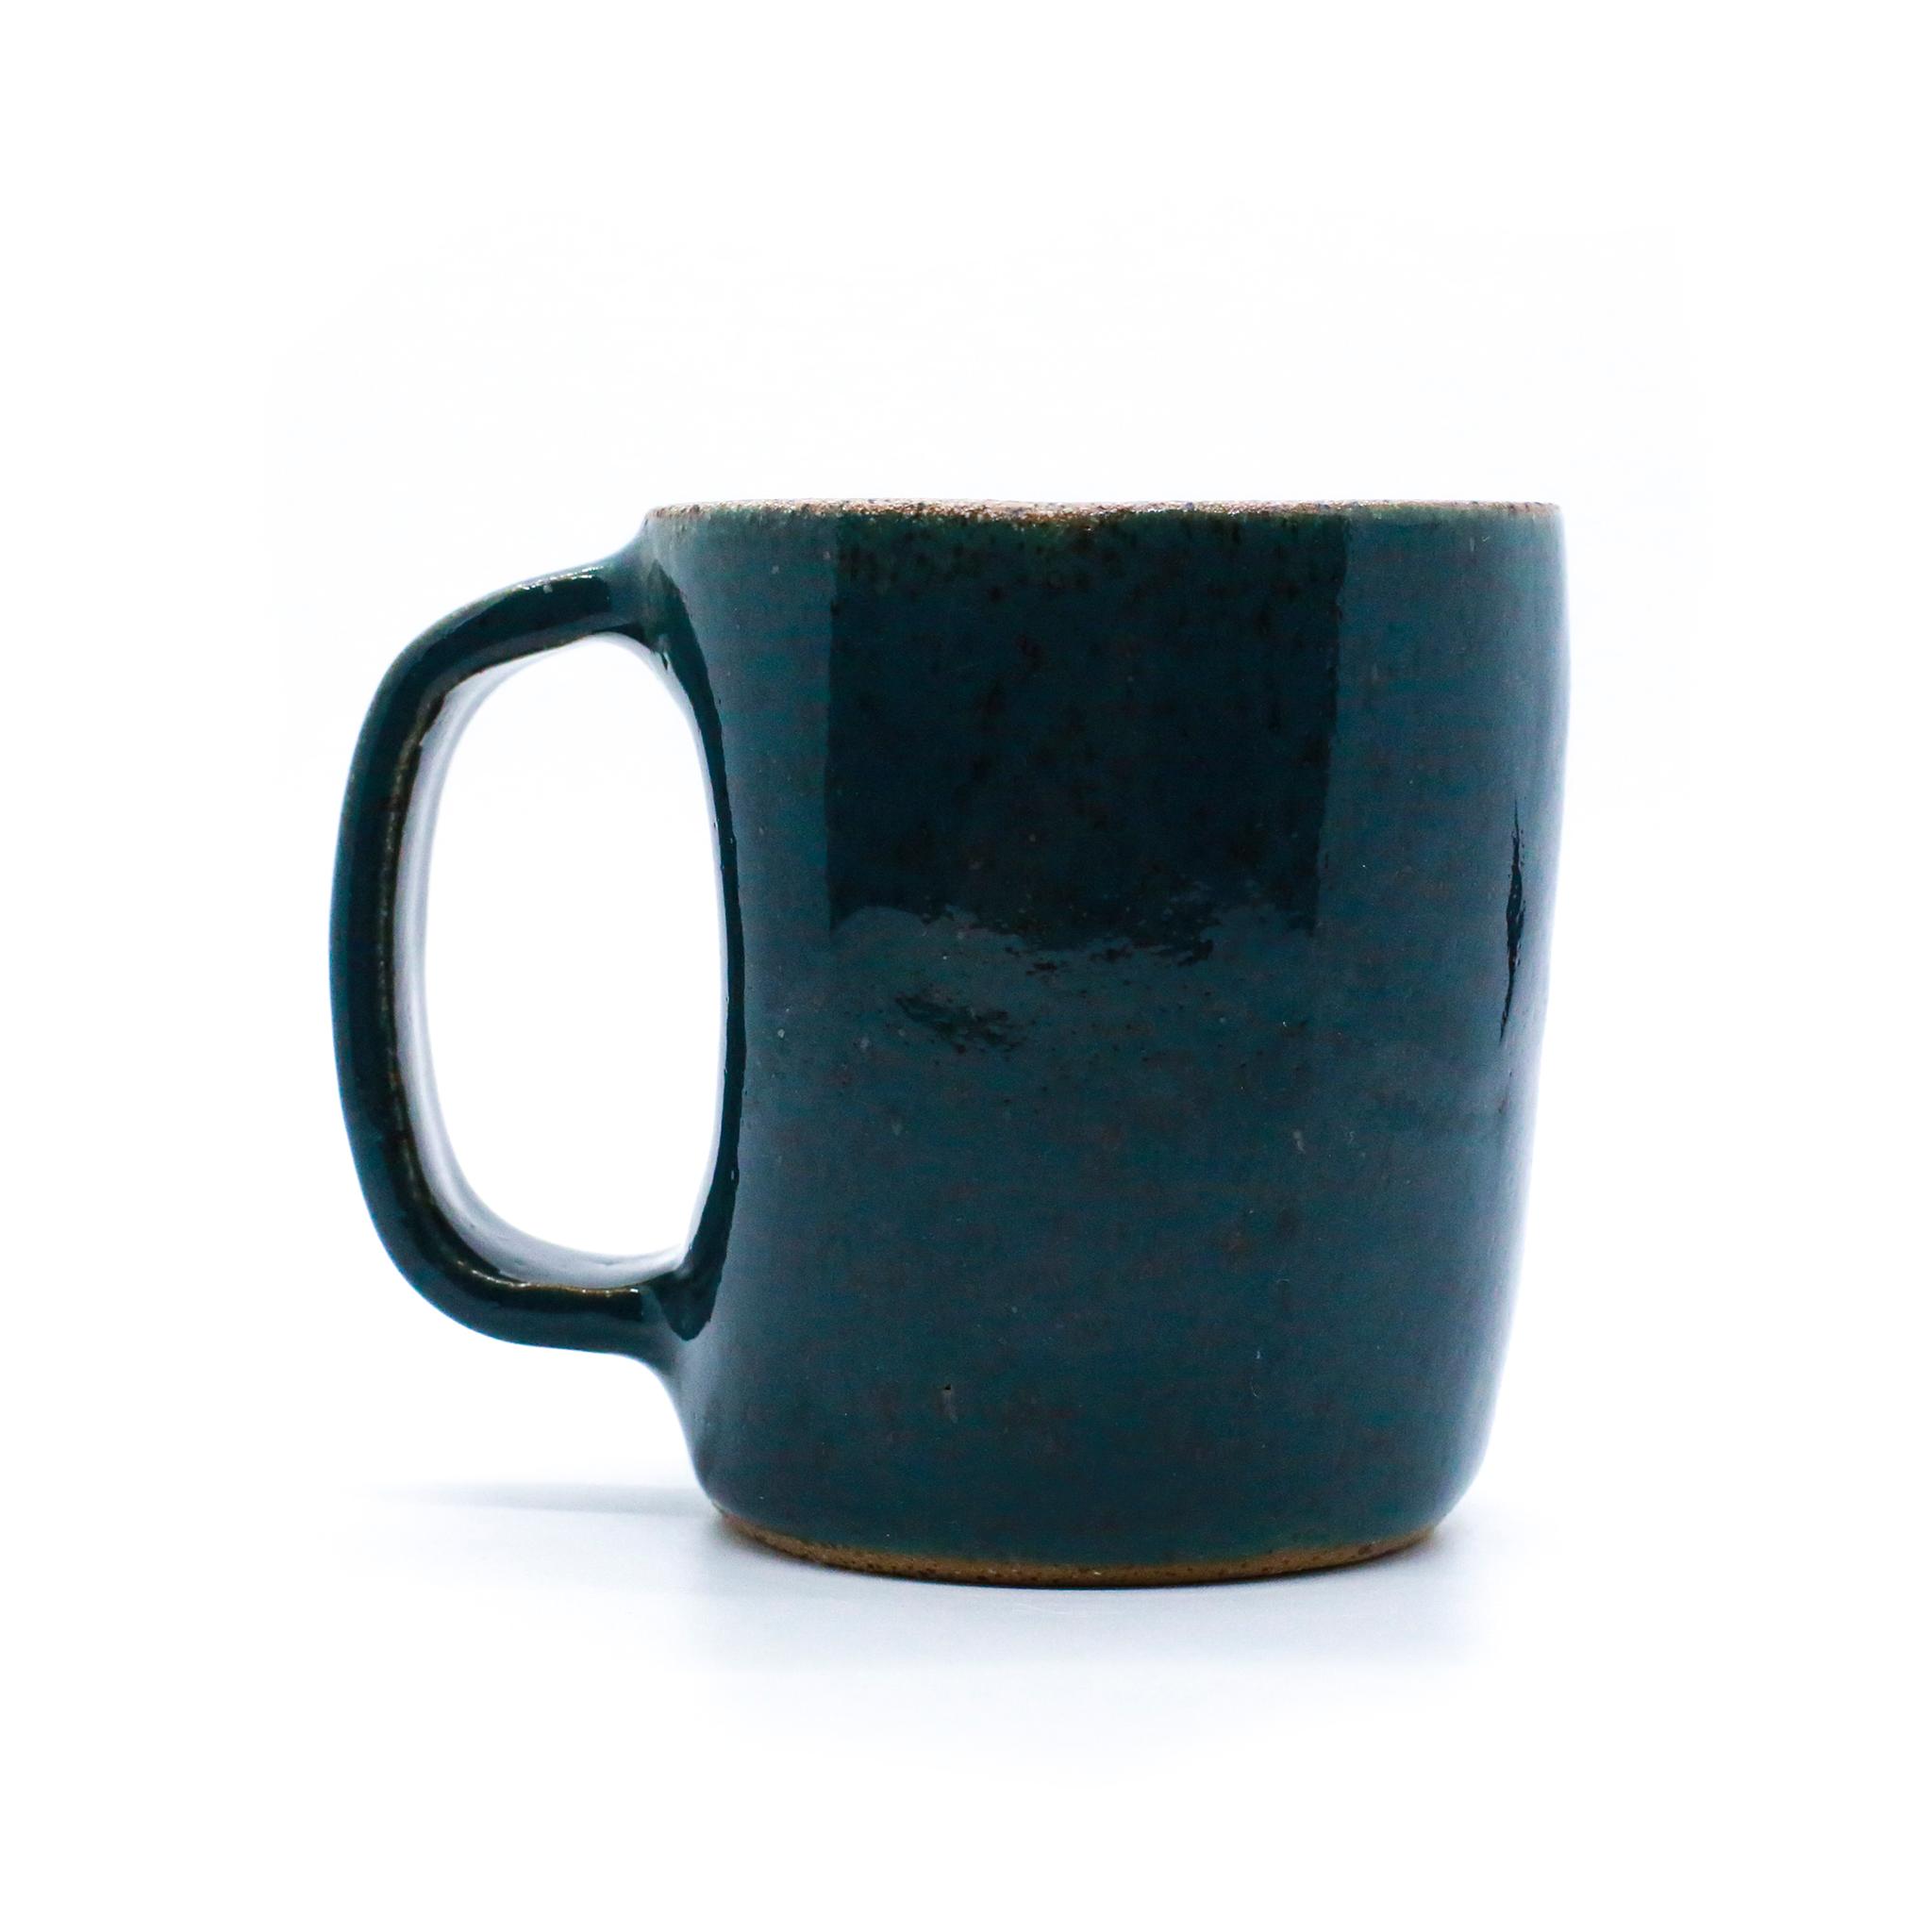 Teal Knuckle Mug